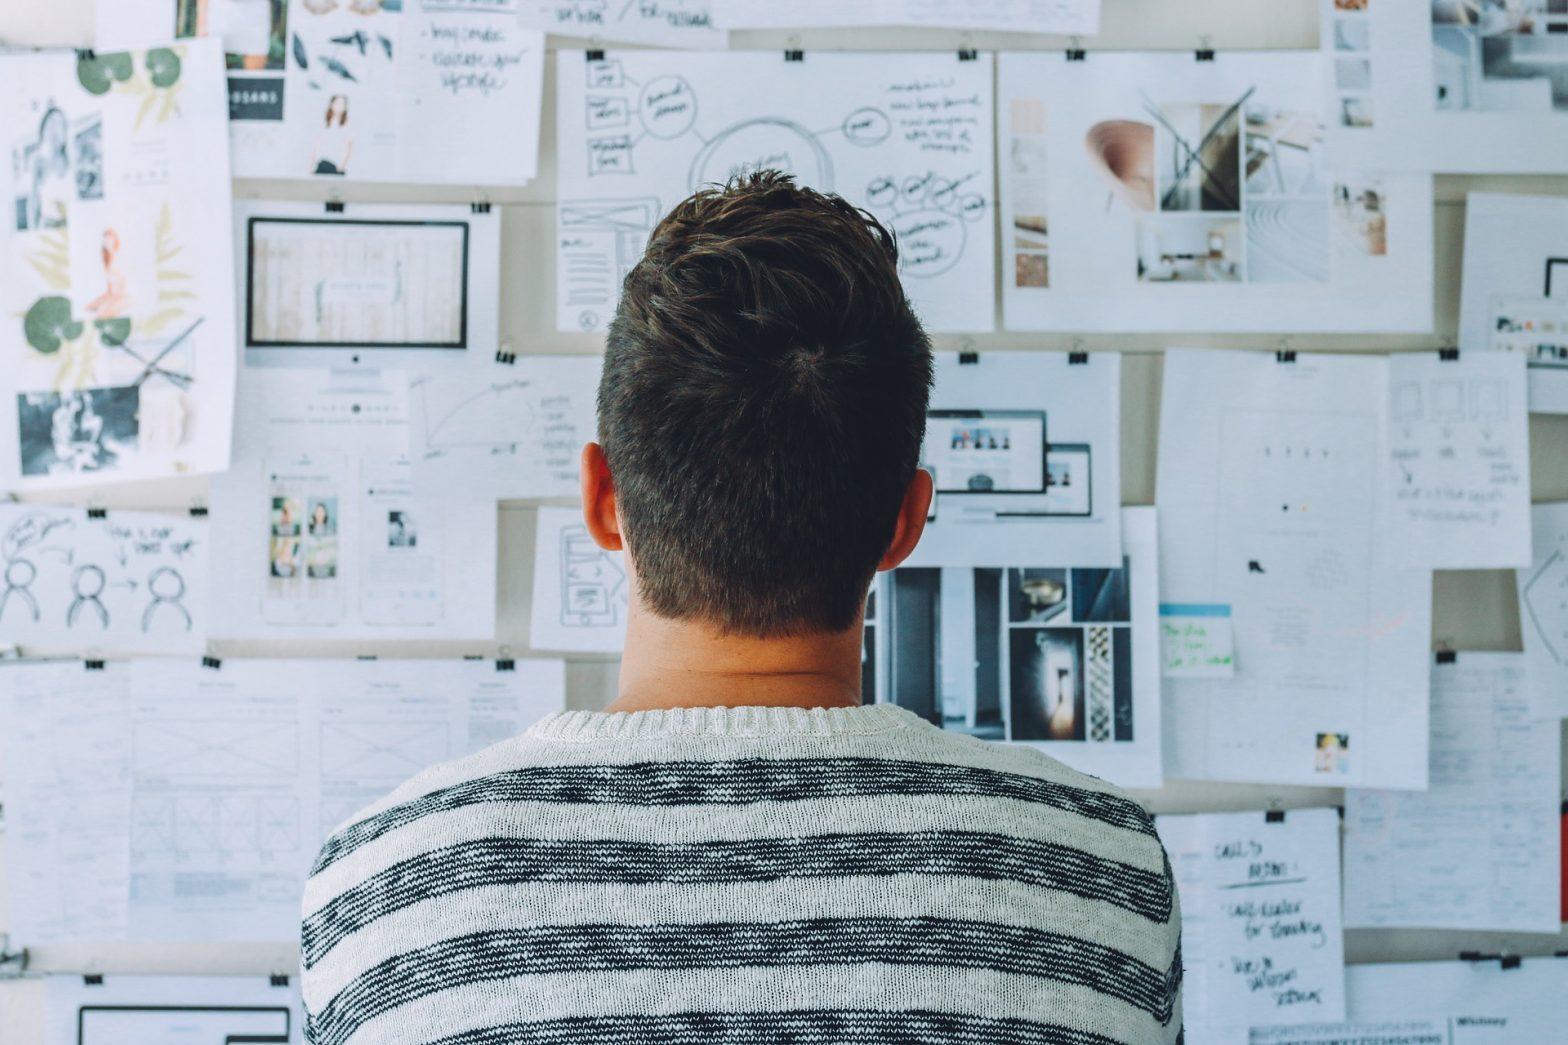 Chico mira su mural de trabajo, para averiguar como ser más productivo y rendir más en el trabajo.